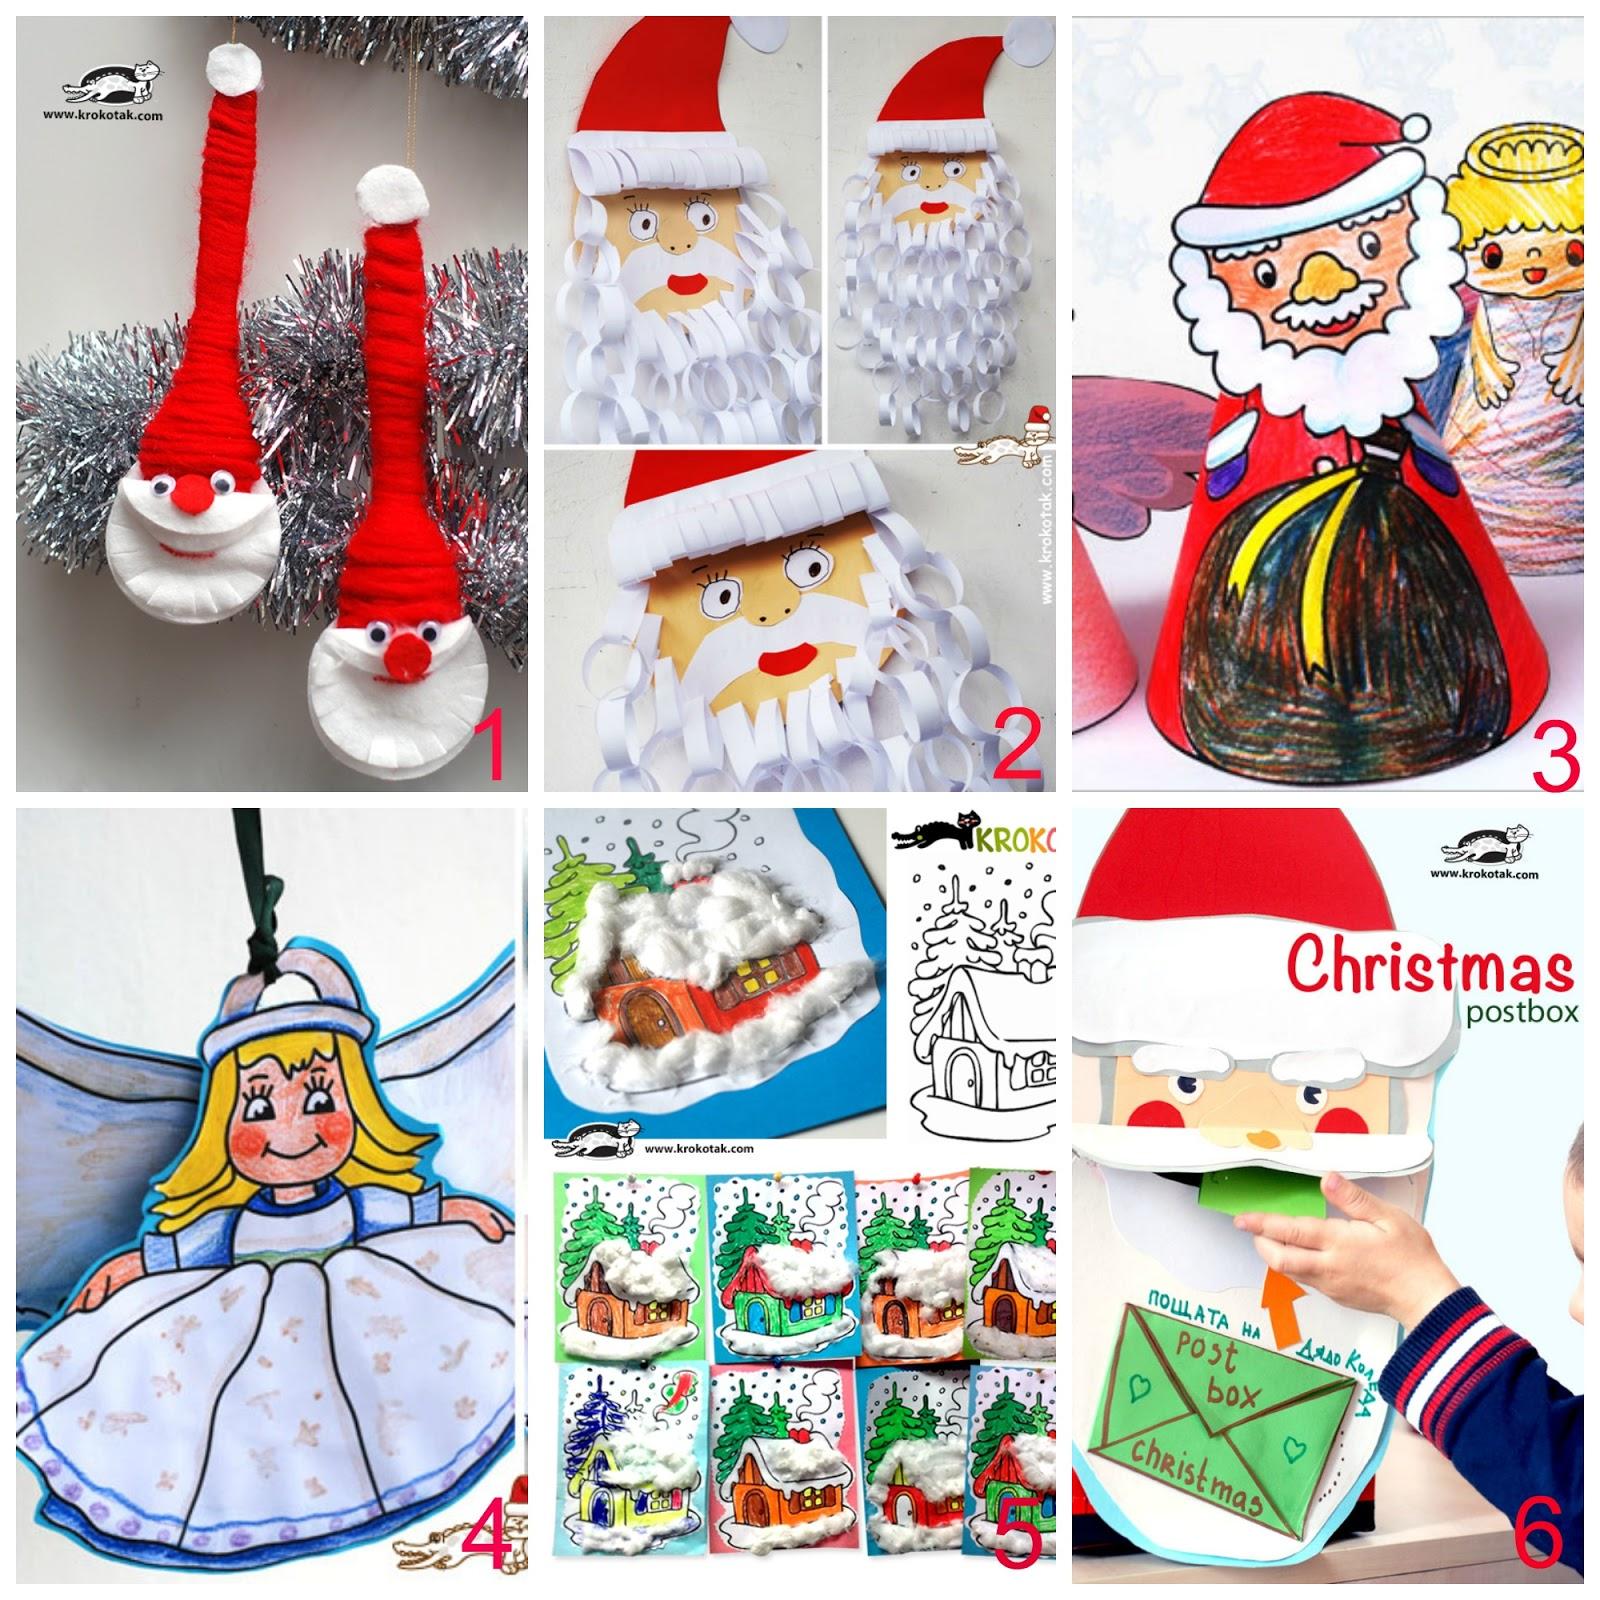 Decorazioni Di Natale Disegni.Decorazioni Di Natale Con Disegni Stampabili Per Bambini